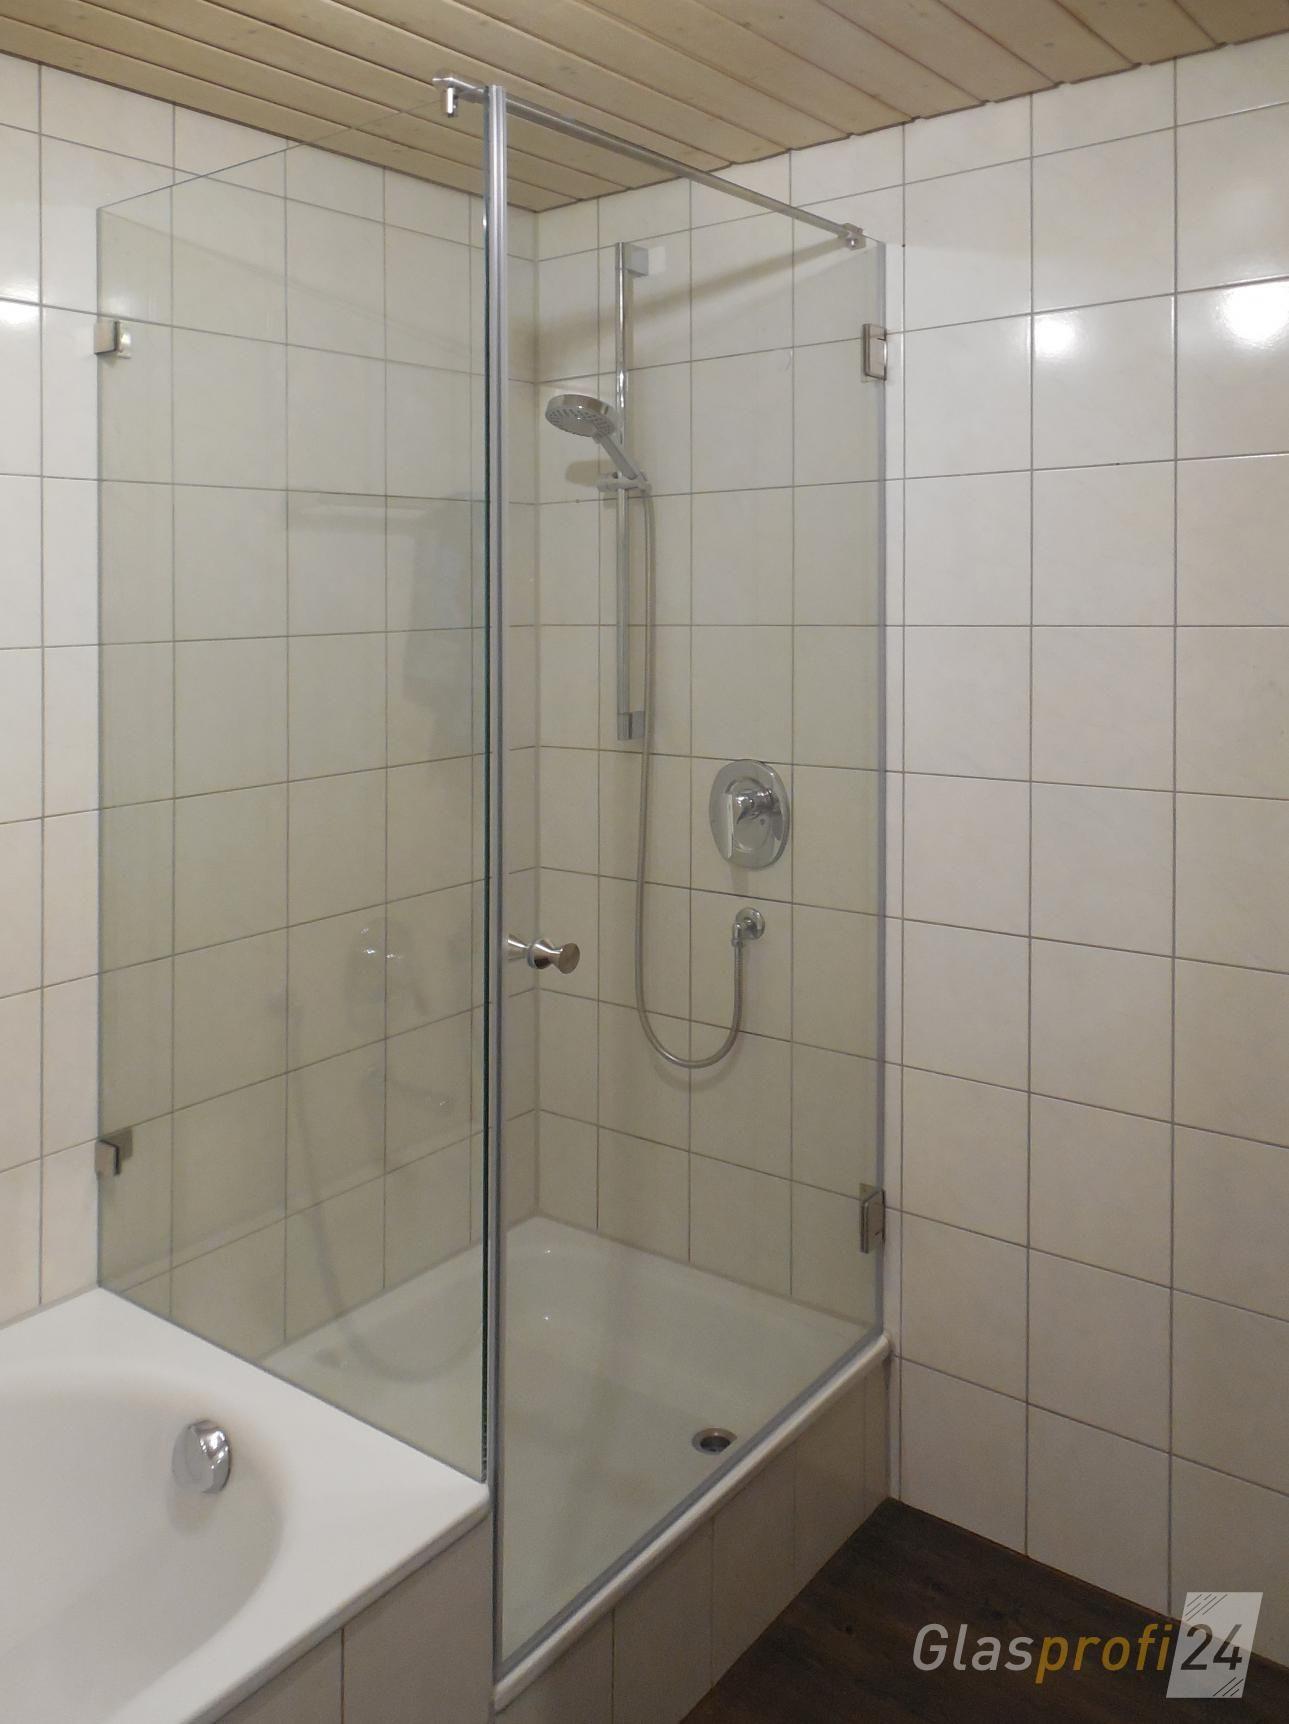 Badewannenanschluss Fur Glasdusche Mit Robusten Edelstahl Beschlagen Hier Online Konfigurieren Und Preis Dusche Renovieren Badewanne Badezimmer Dachgeschoss